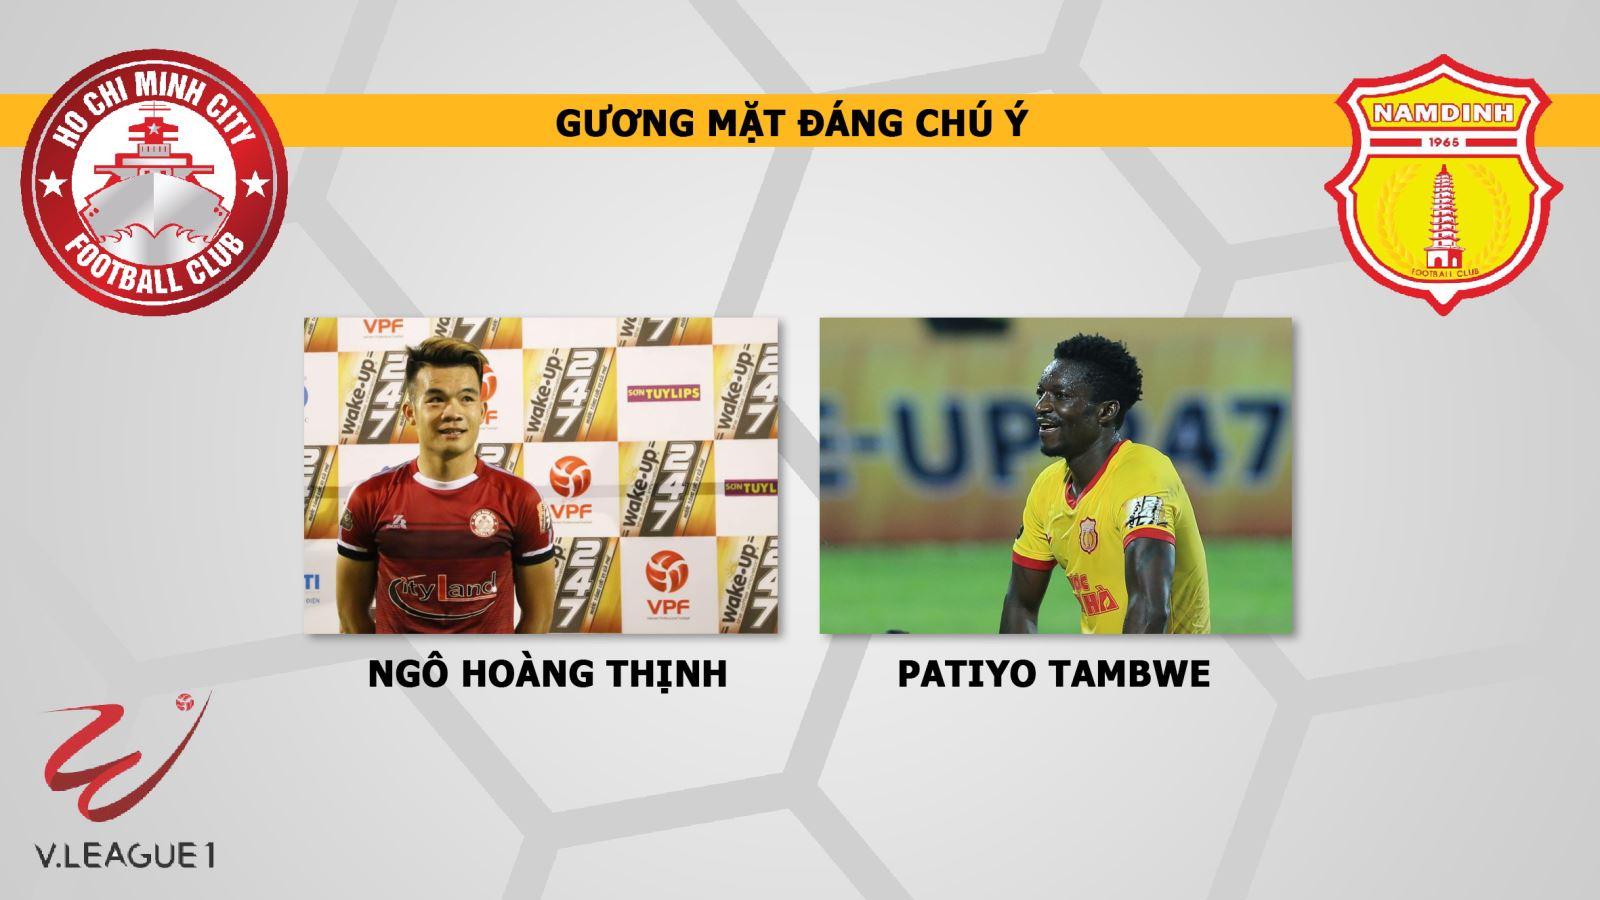 TPHCM vs Nam Định, trực tiếp bóng đá, Nam Định, V-League 2019, VTV6, BĐTV, V-League 2019 vòng 3, truc tiep bong da, xem VTV6, trực tiếp Nam Định, truc tiep V-League 2019